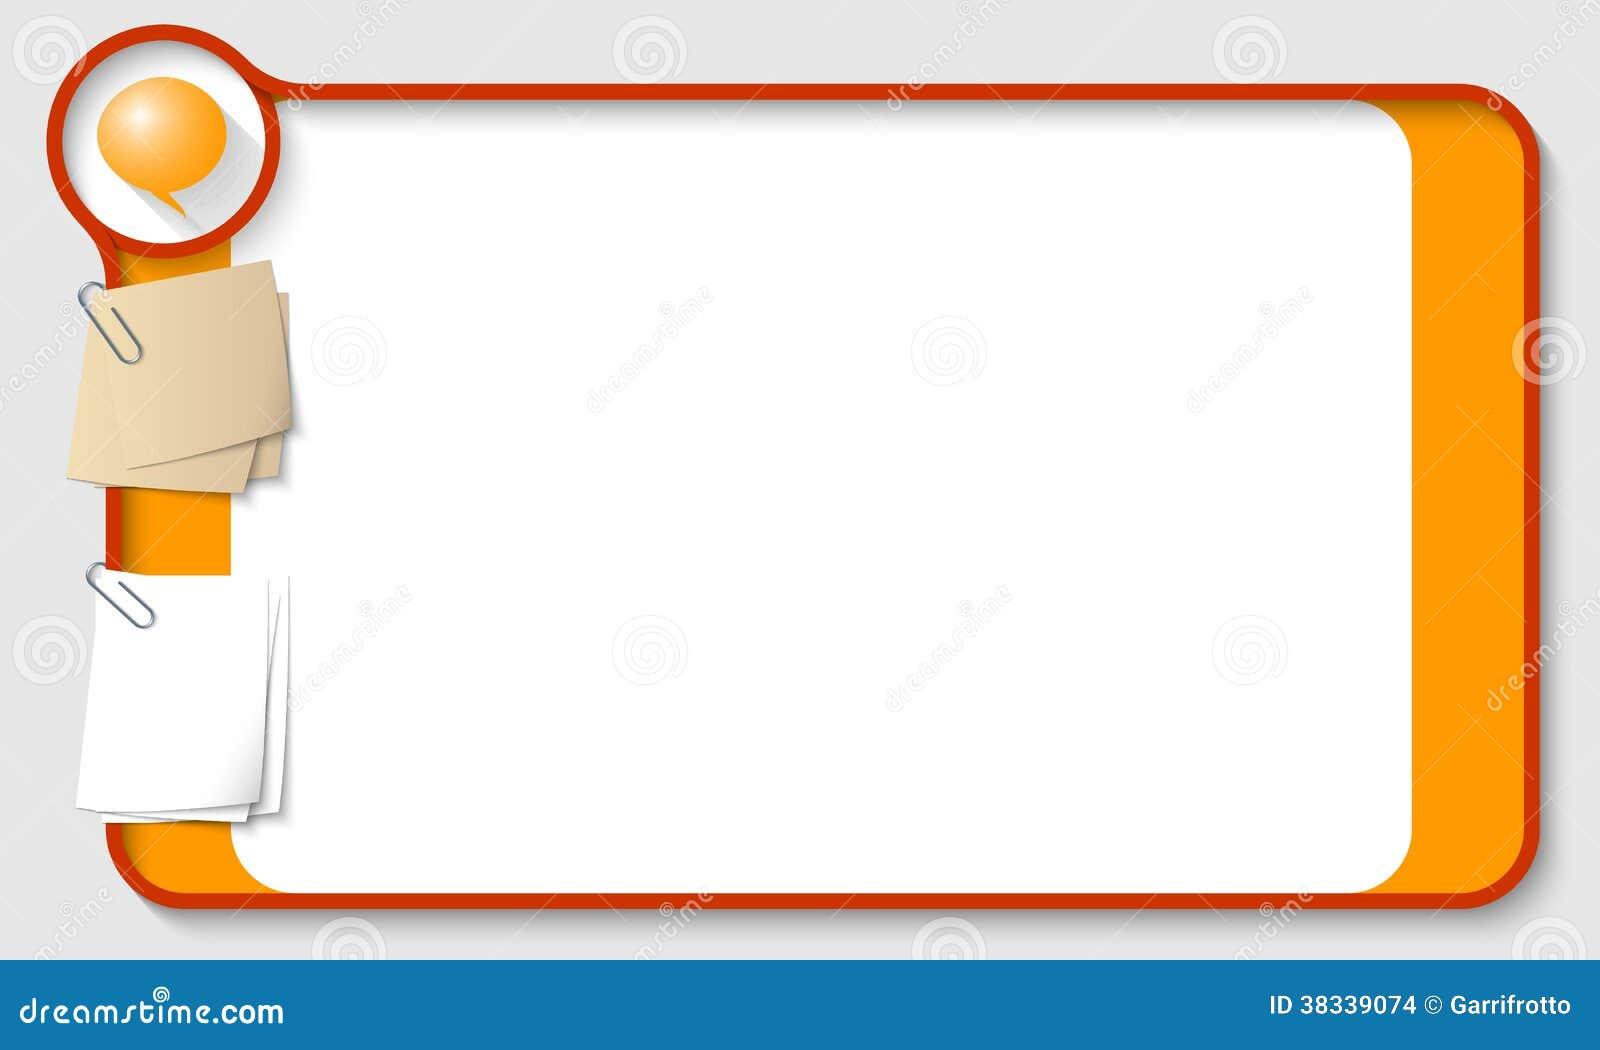 Cuadro De Texto Del Vector Para Cualquier Texto Imagenes